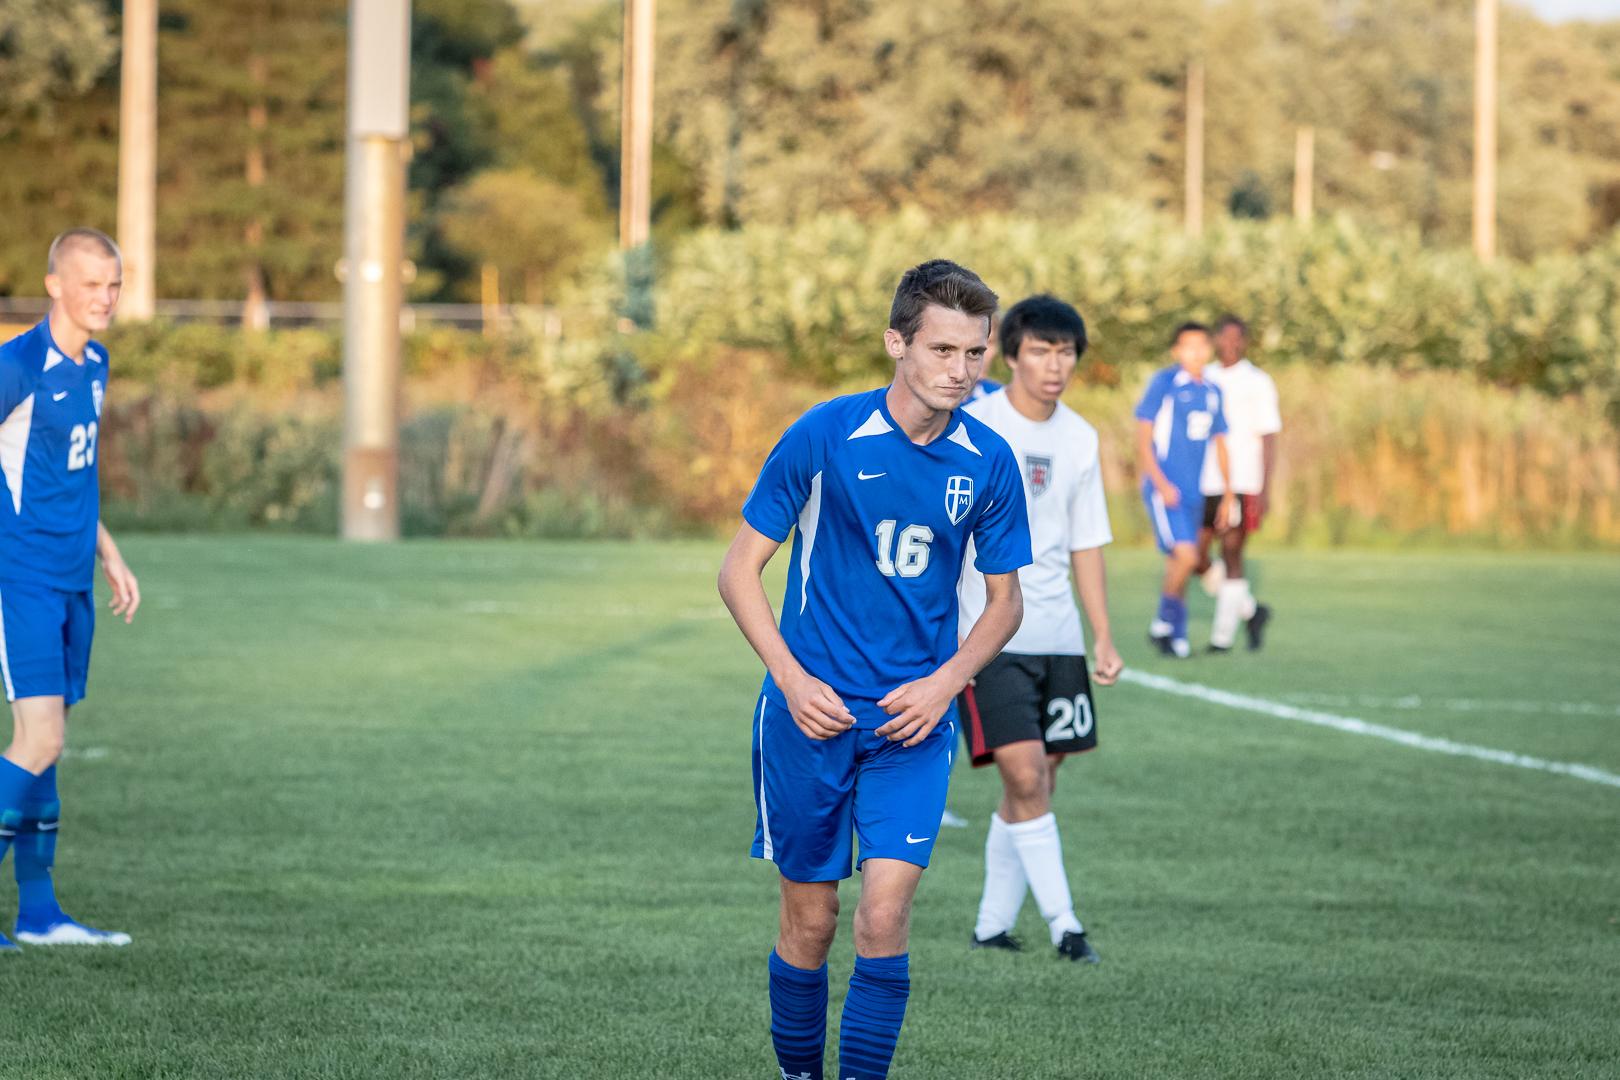 Marian-Varsity-Boys-Soccer-9573.jpg